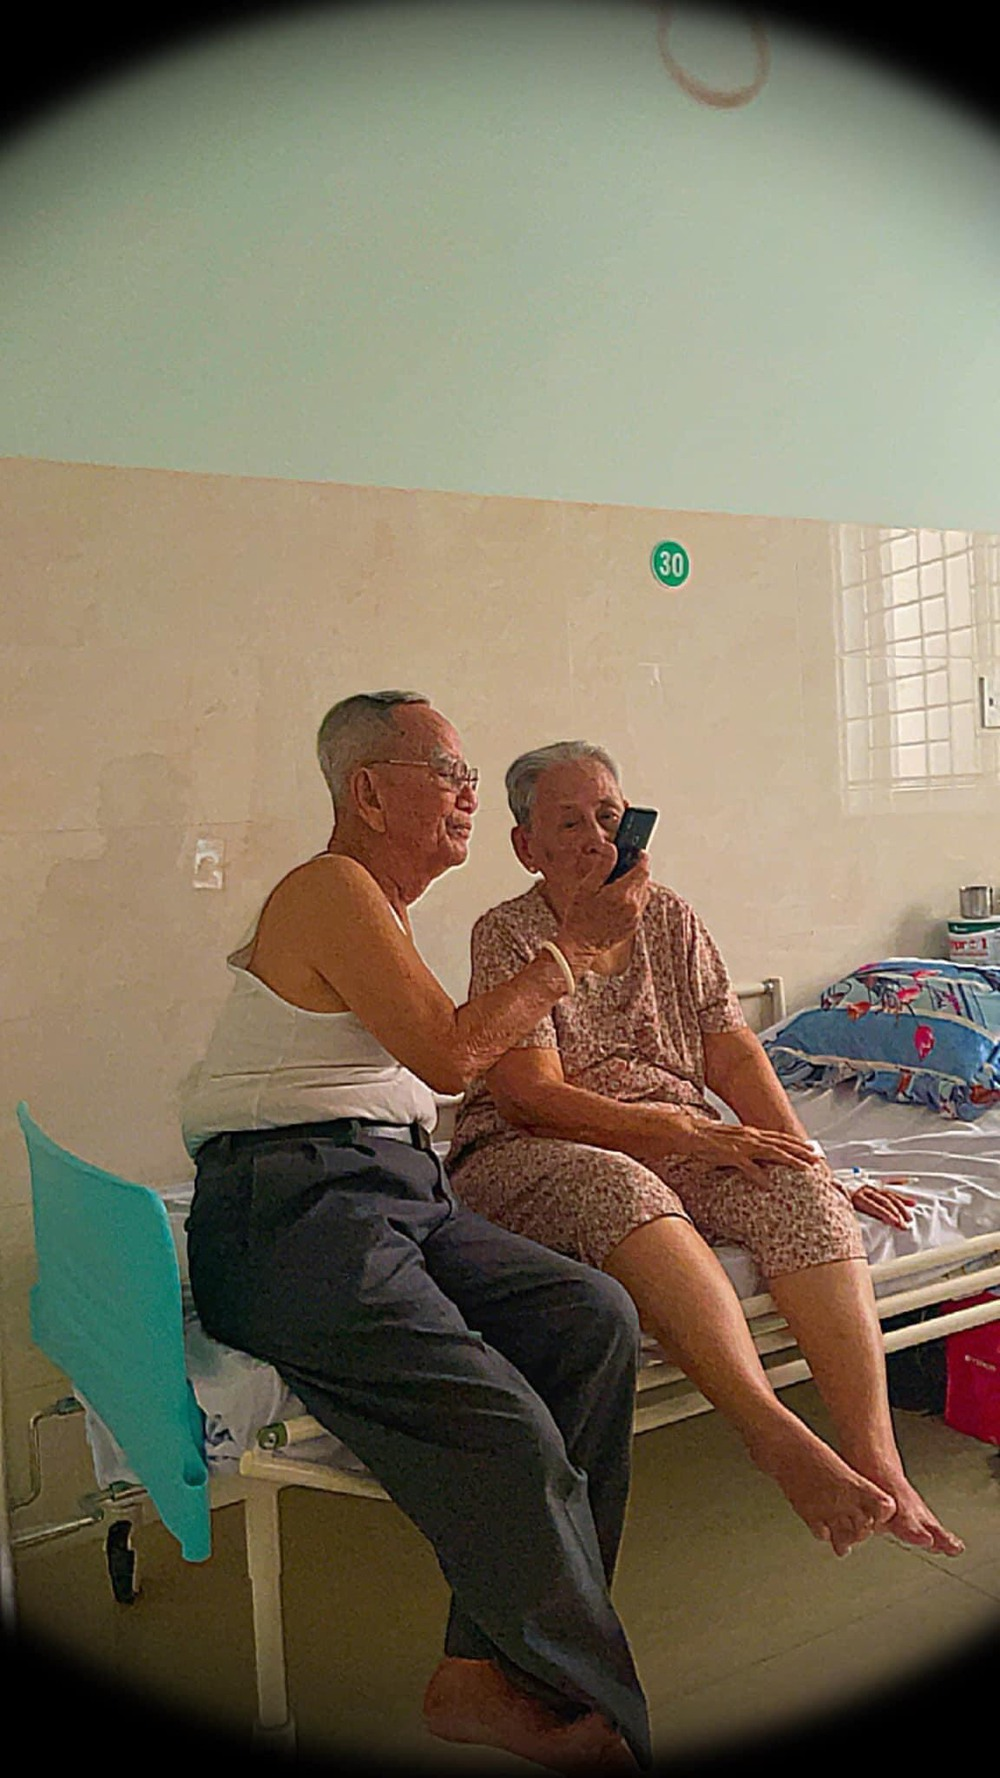 Cuộc gặp mặt nhờ mai mối và chuyện tình kéo dài hơn 6 thập niên của 2 ông bà khiến tất cả ngưỡng mộ - Ảnh 5.